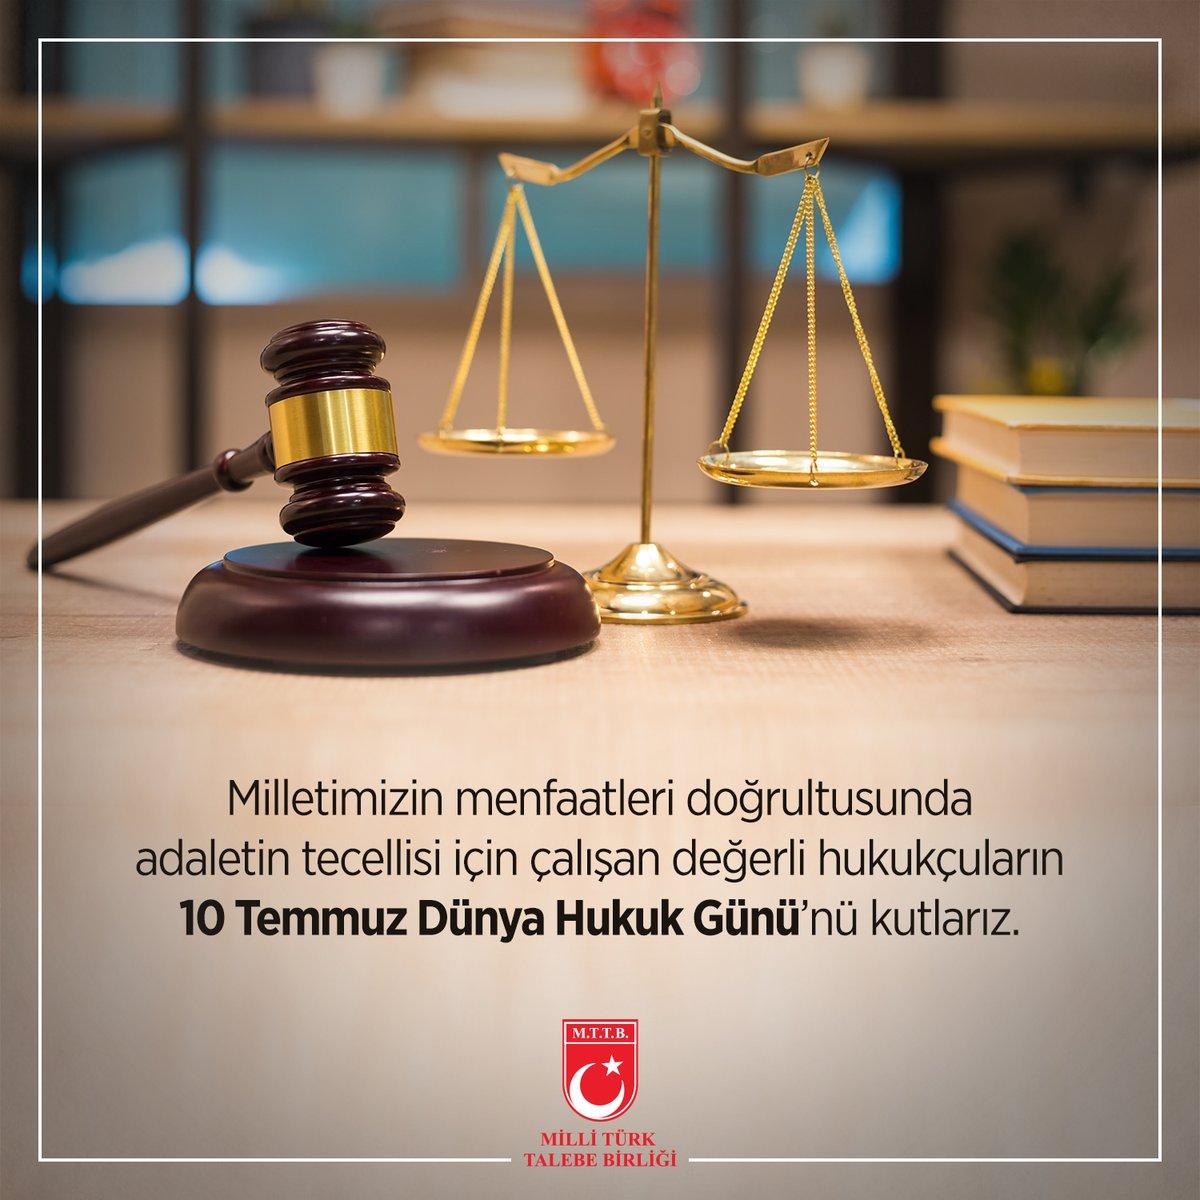 10 Temmuz Dünya Hukuk Günü Kutlu Olsun